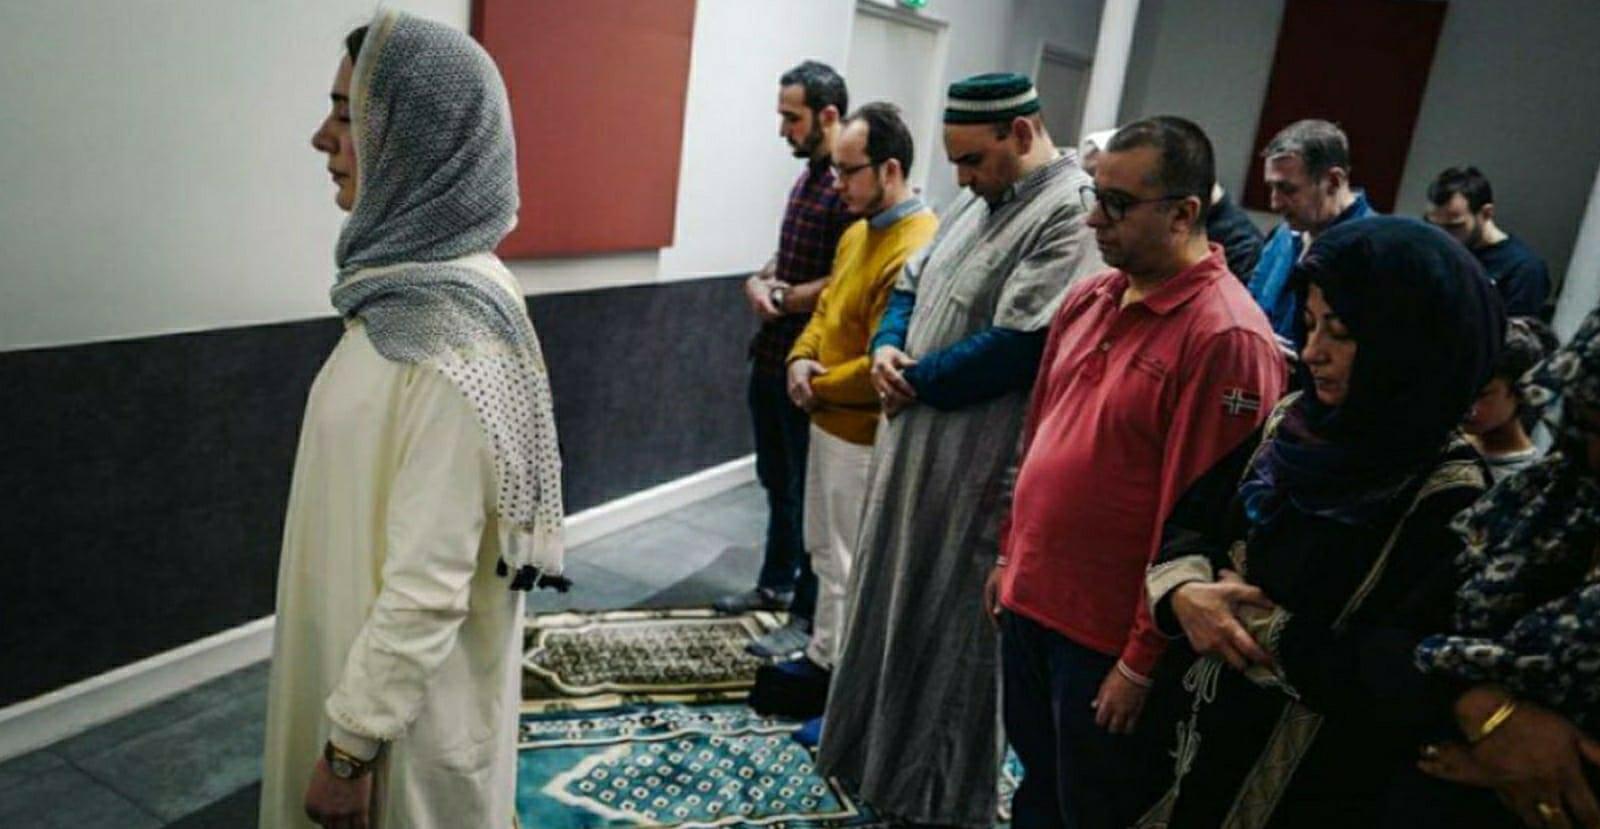 Fransa'nın ilk kadın imamı: Fransa İslamı'nın zamanı geldi!